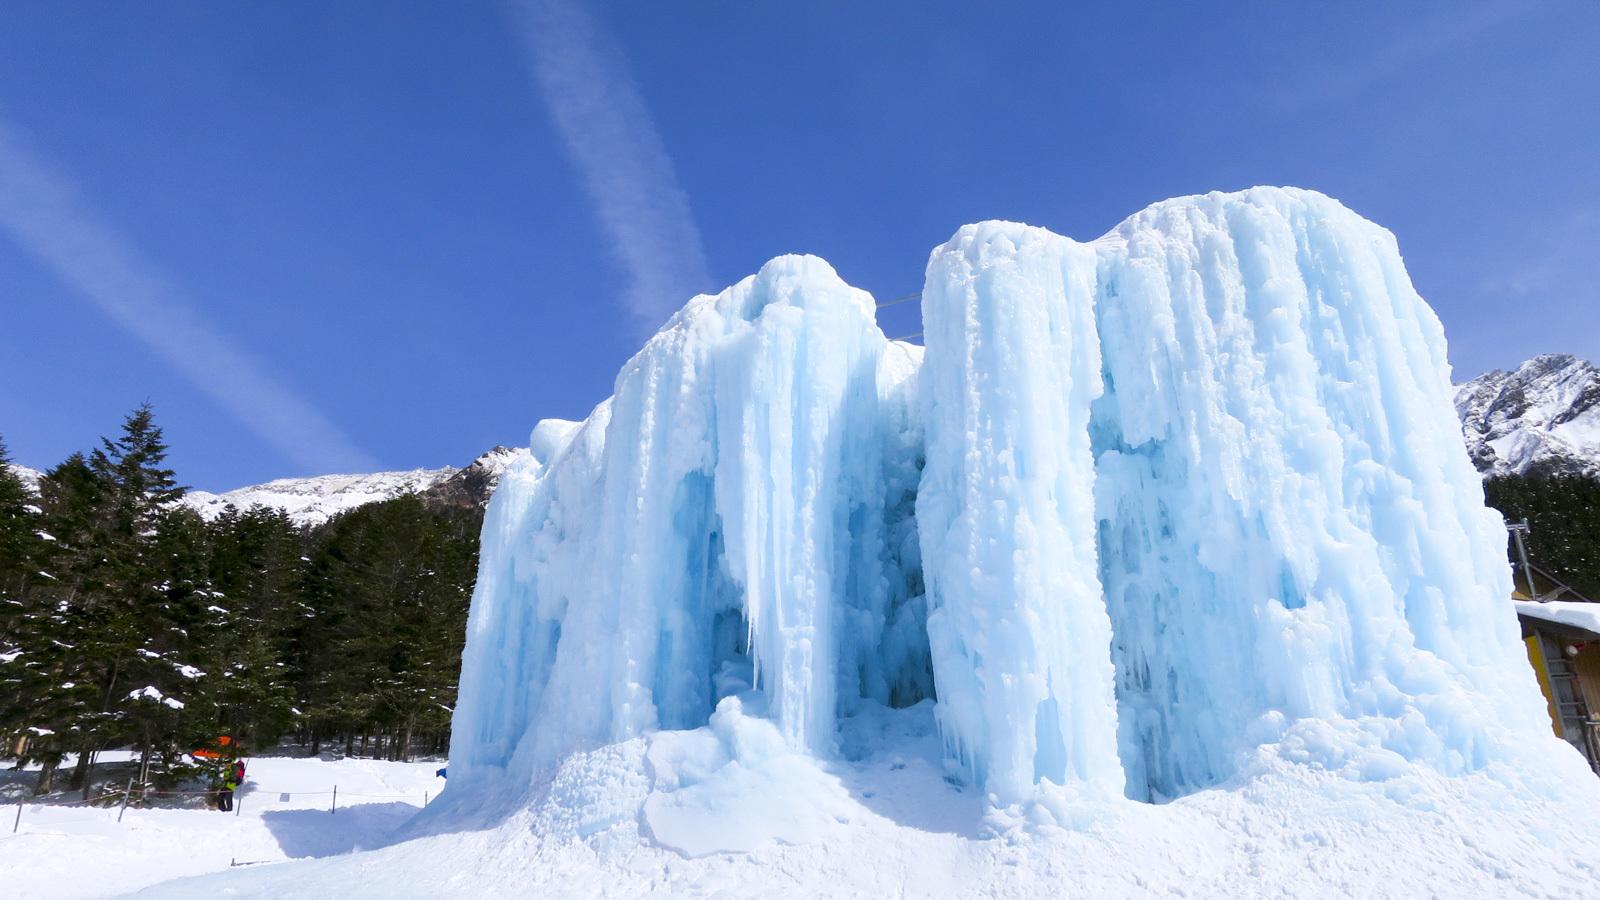 あなたにも必ずできる、『氷の壁をぶっ叩いて登る遊び』の話_b0029315_23452224.jpg